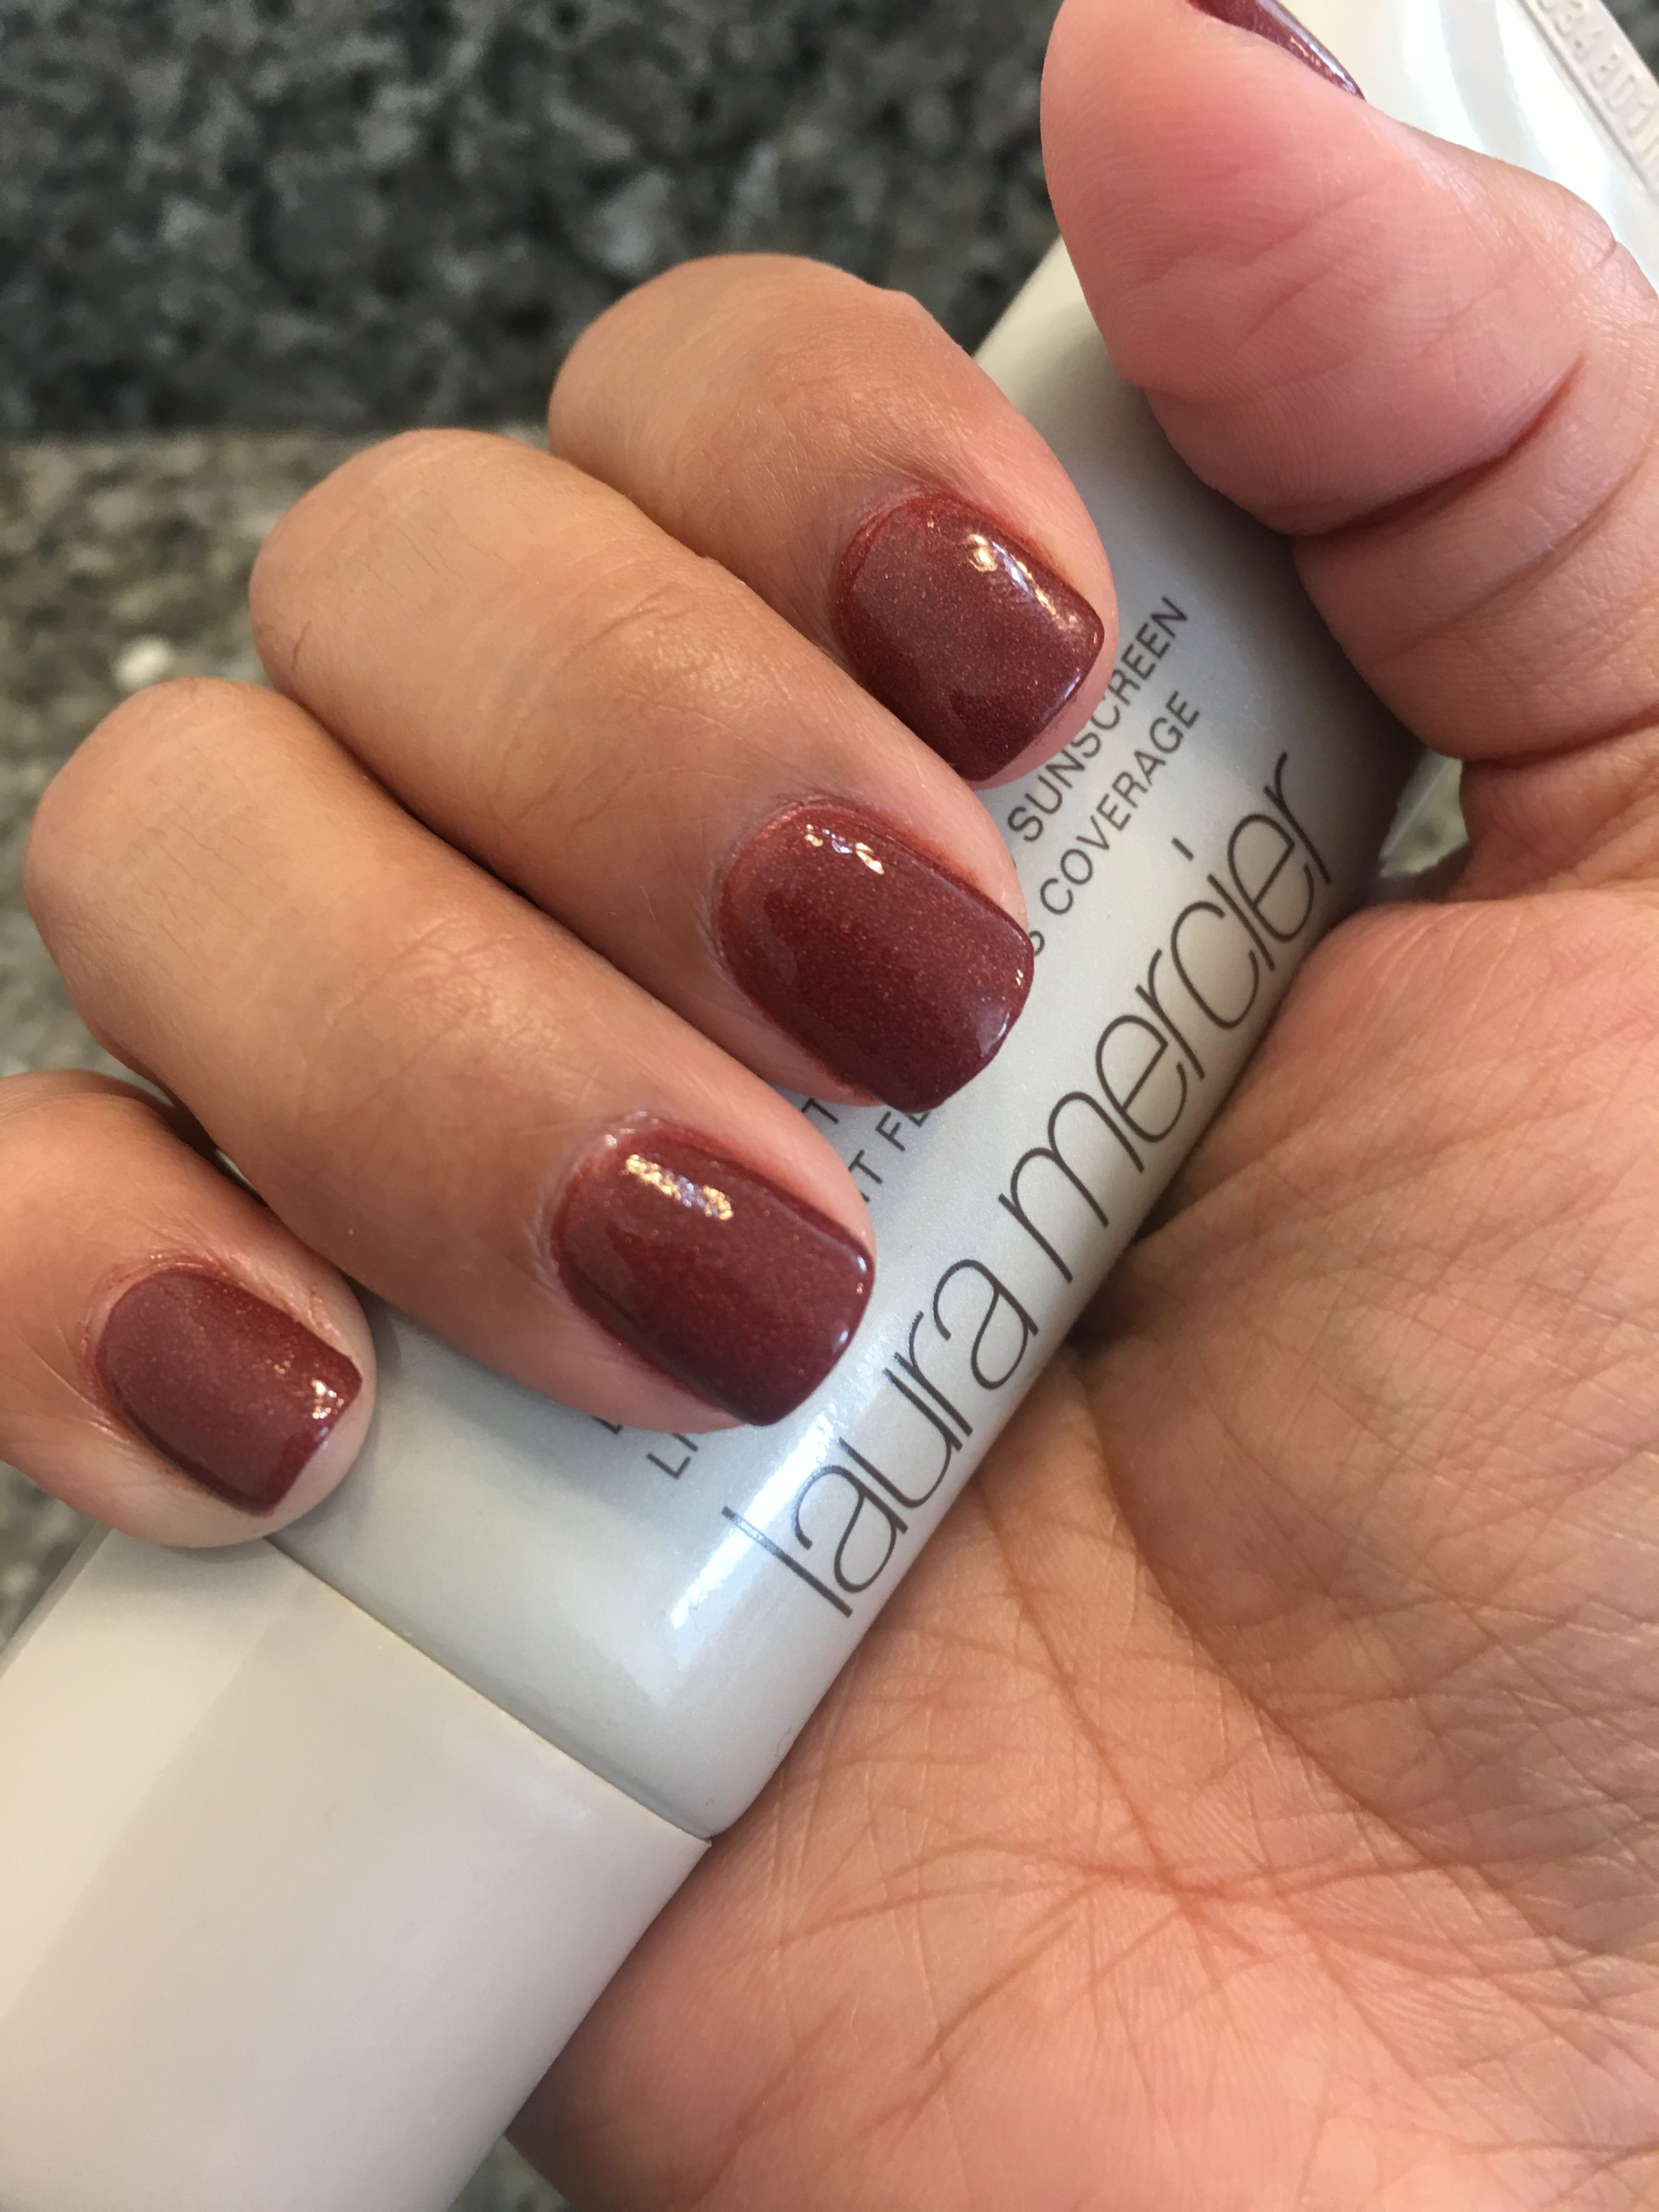 Revel - Admired (my next buy) | Nails! | Dip powder, Nail